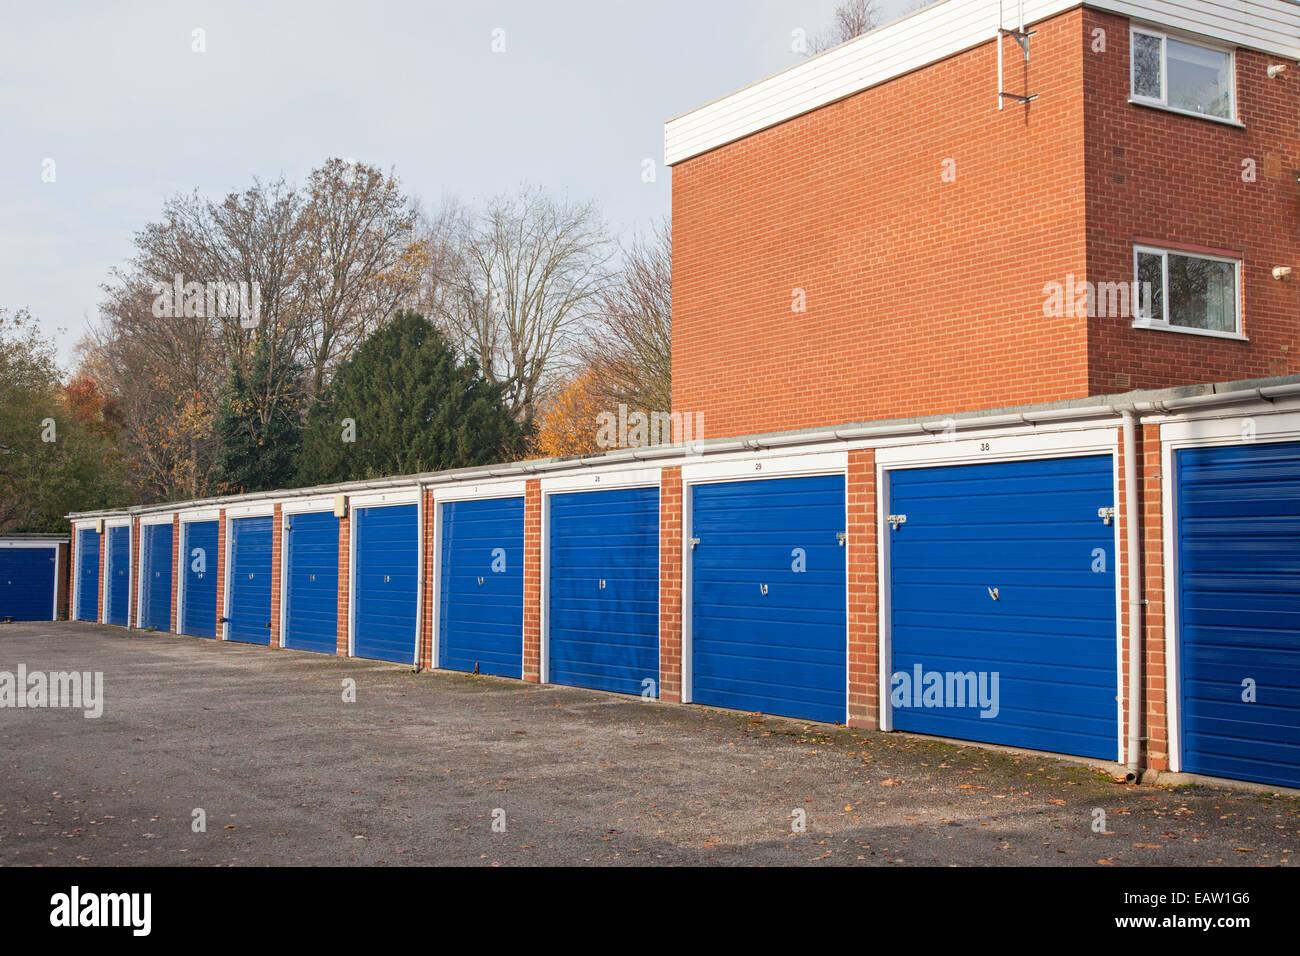 Alquiler de Garajes en una urbanización, Birmingham, Inglaterra, Reino Unido. Imagen De Stock